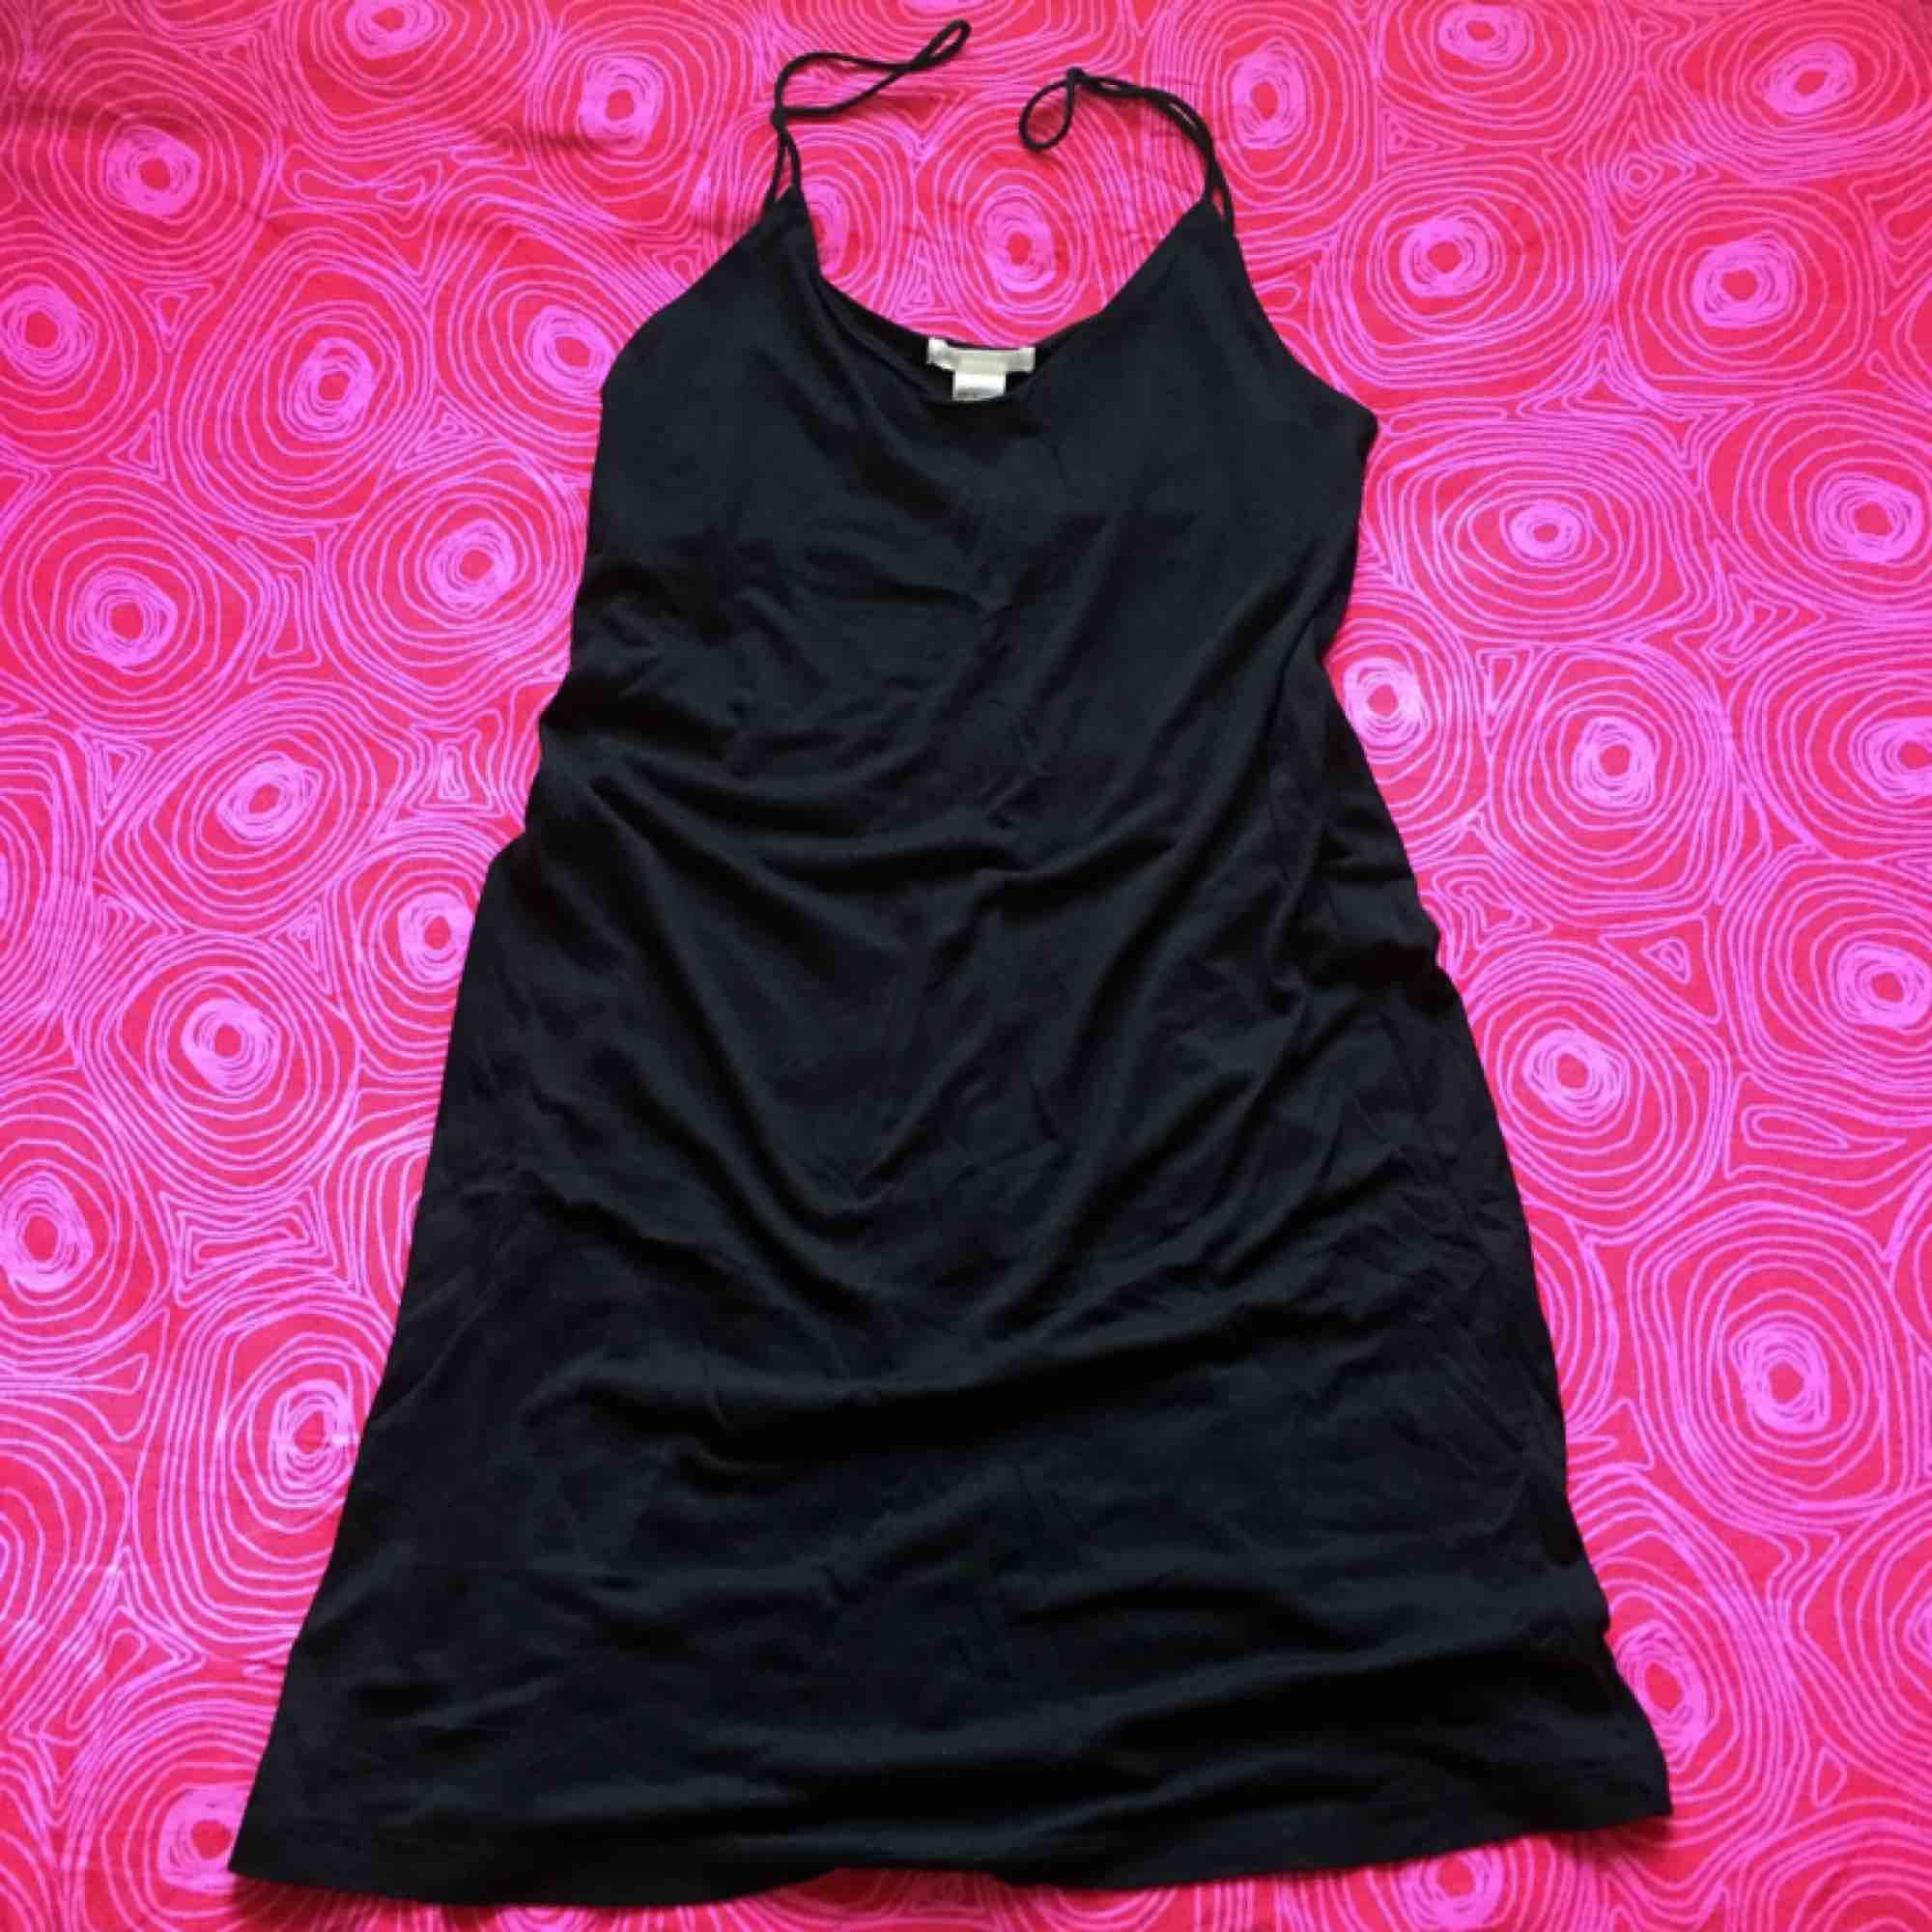 🌻 Svart klänning med smala axelband 🌻 Frakt är inkluderat i priset! Skriv gärna om du har några frågor! 💕 . Klänningar.